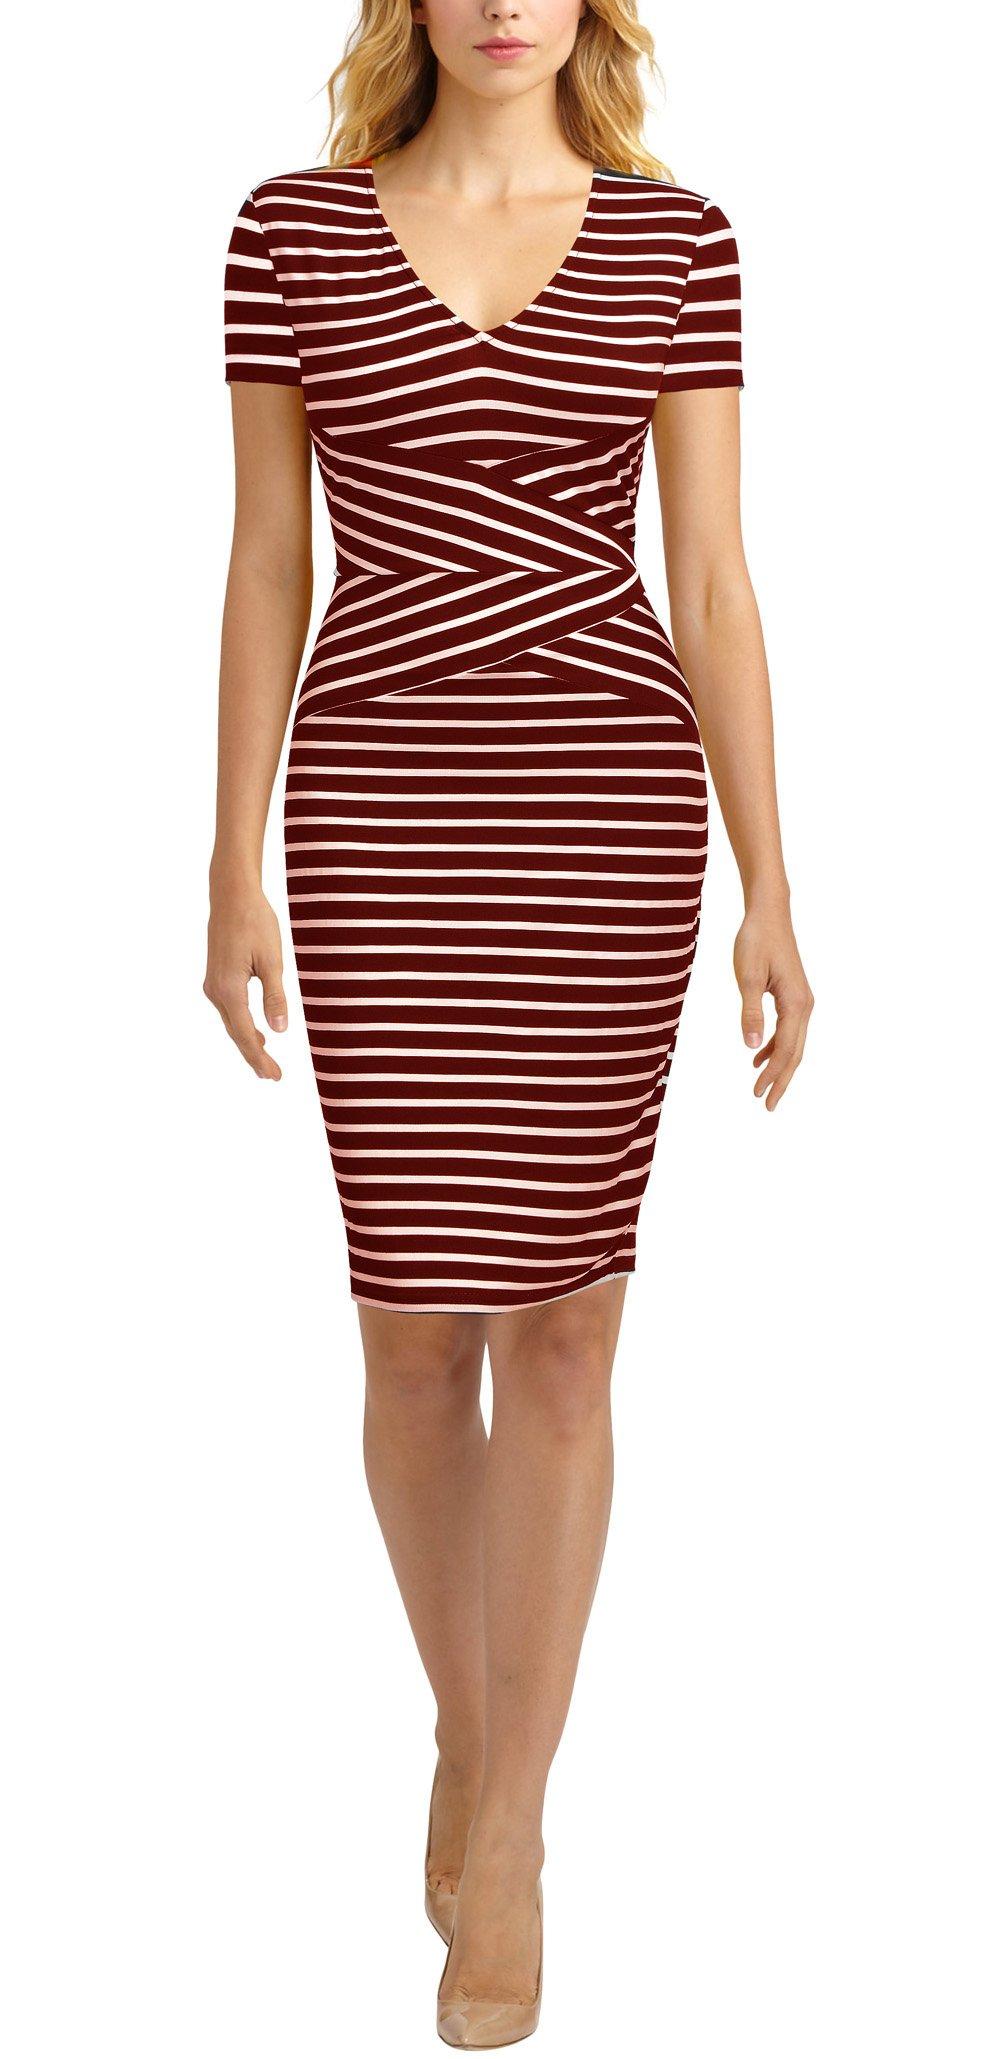 Mmondschein Women Short Sleeve Striped Wear to Work Business Pencil Dress (S, Burgundy)